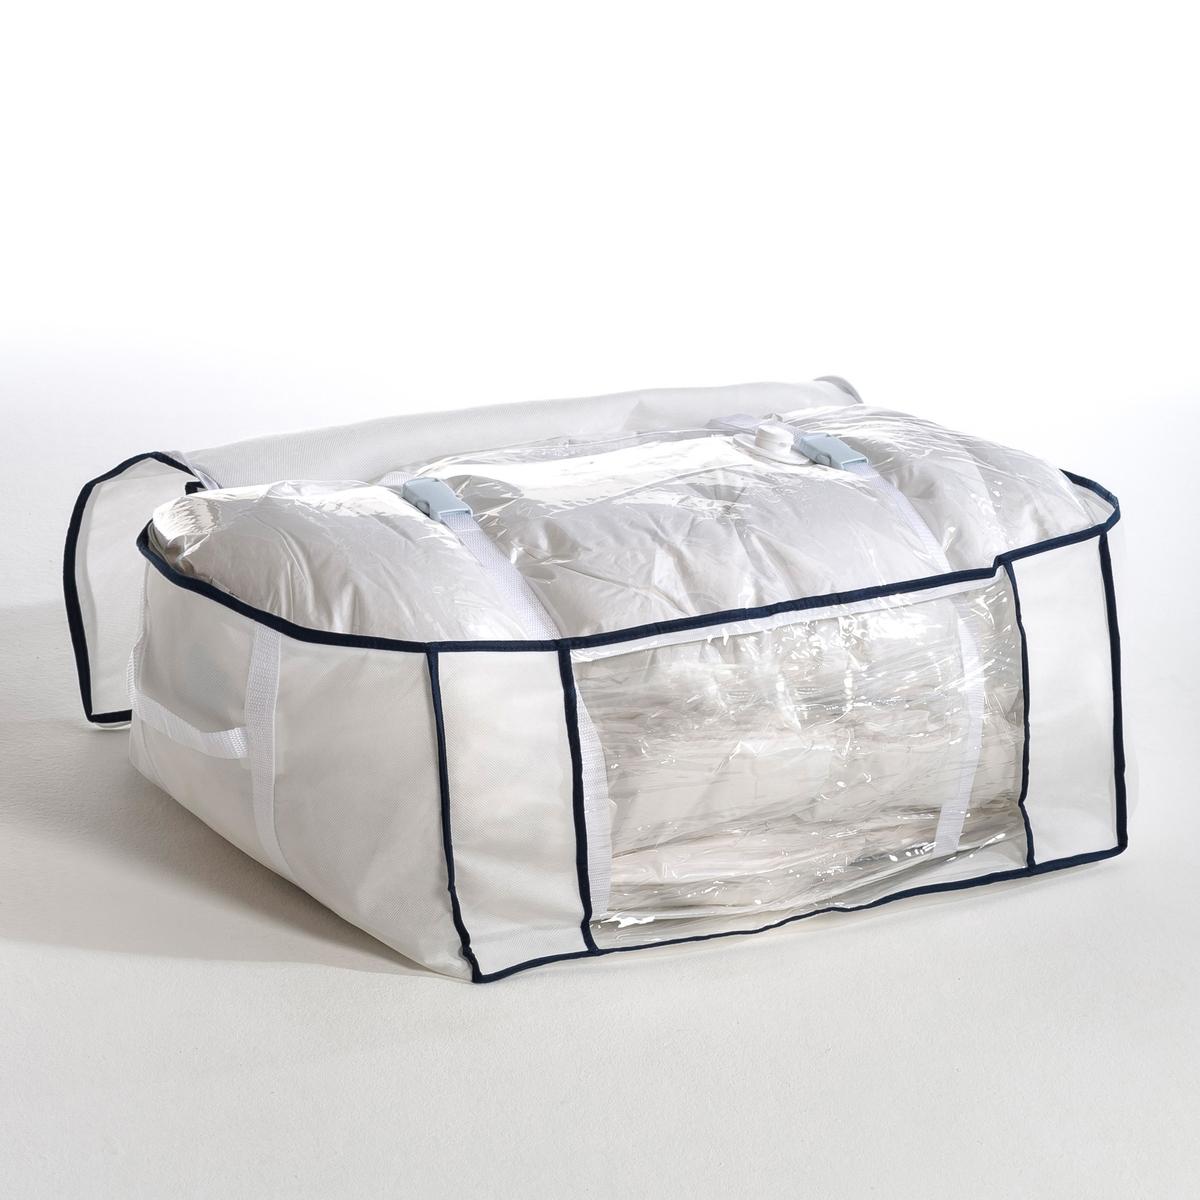 Чехол вакуумный, Ш.104 x В.13 x Г.45 смЭкономия места до 75% ! Идеально подходит для поездок, так как позволяет значительно экономить место в багаже.Описание чехла :Пакет с защитным чехлом внутри просто необходим для организации хранения Ваших вещей, одеял, покрывал и подушек.Всасывание воздуха пылесосом.2 стягивающих ремня для удержания вещей в сжатом состоянии. Характеристики вакуумного чехла :Нетканый материалВнутренний пакет из прозрачного пластикаЗастежка на молнию. Размеры вакуумного чехла :Ш.104 x В.13 x Г.45 см (для одеяла для 2-сп. кровати), размеры внутреннего пакета : Ш.30 x В.71 x Г.43,5 см.<br><br>Цвет: белый<br>Размер: единый размер